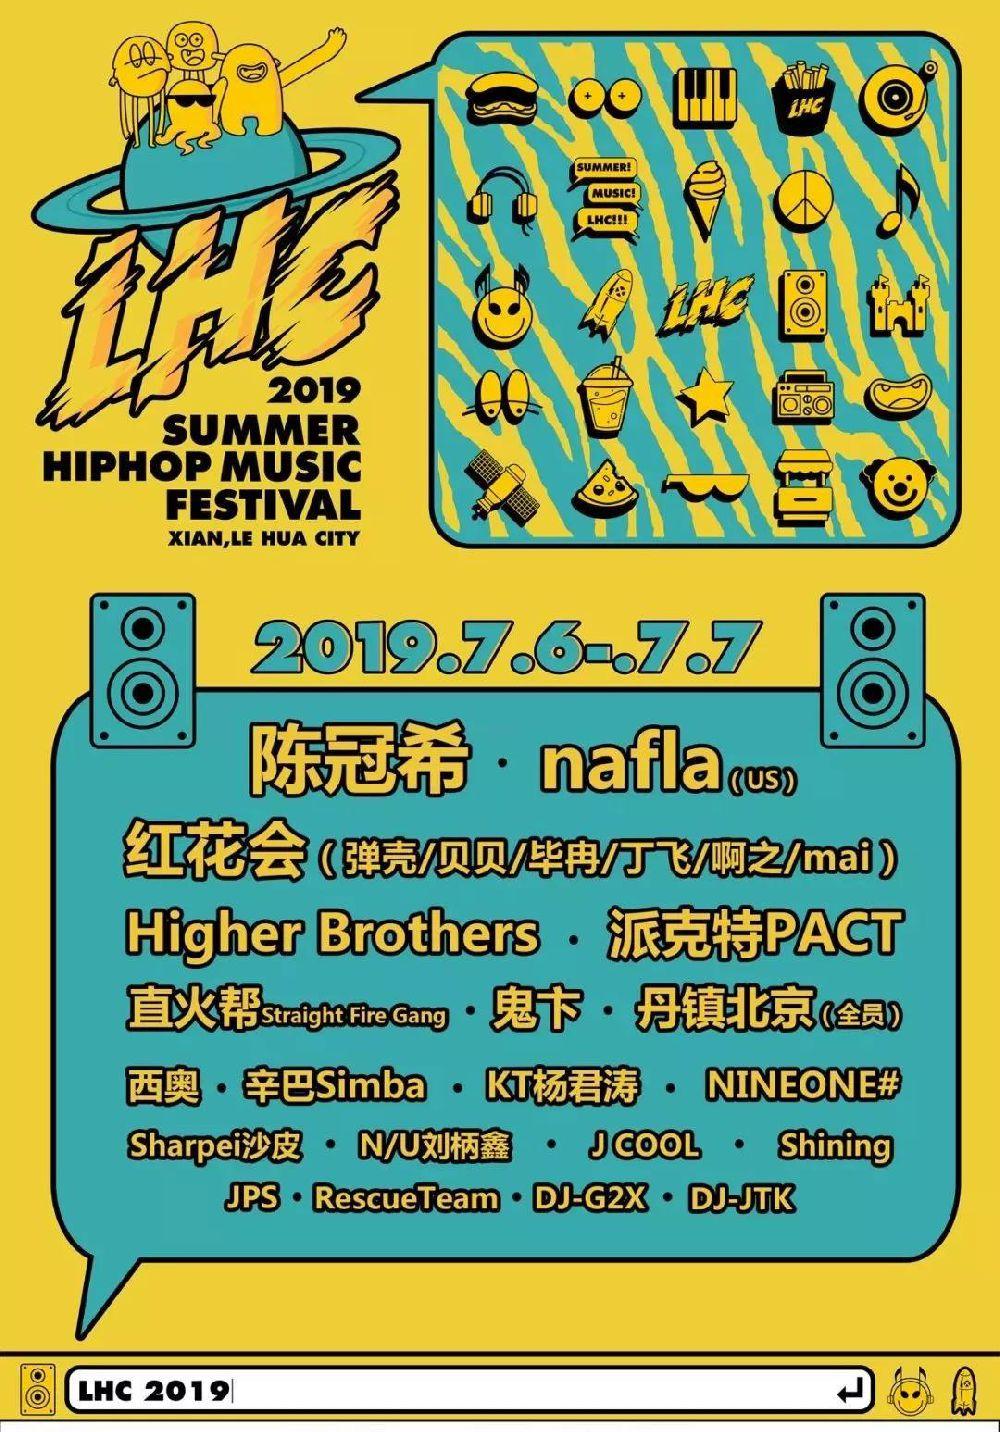 2019西安LHC音乐节嘉宾阵容